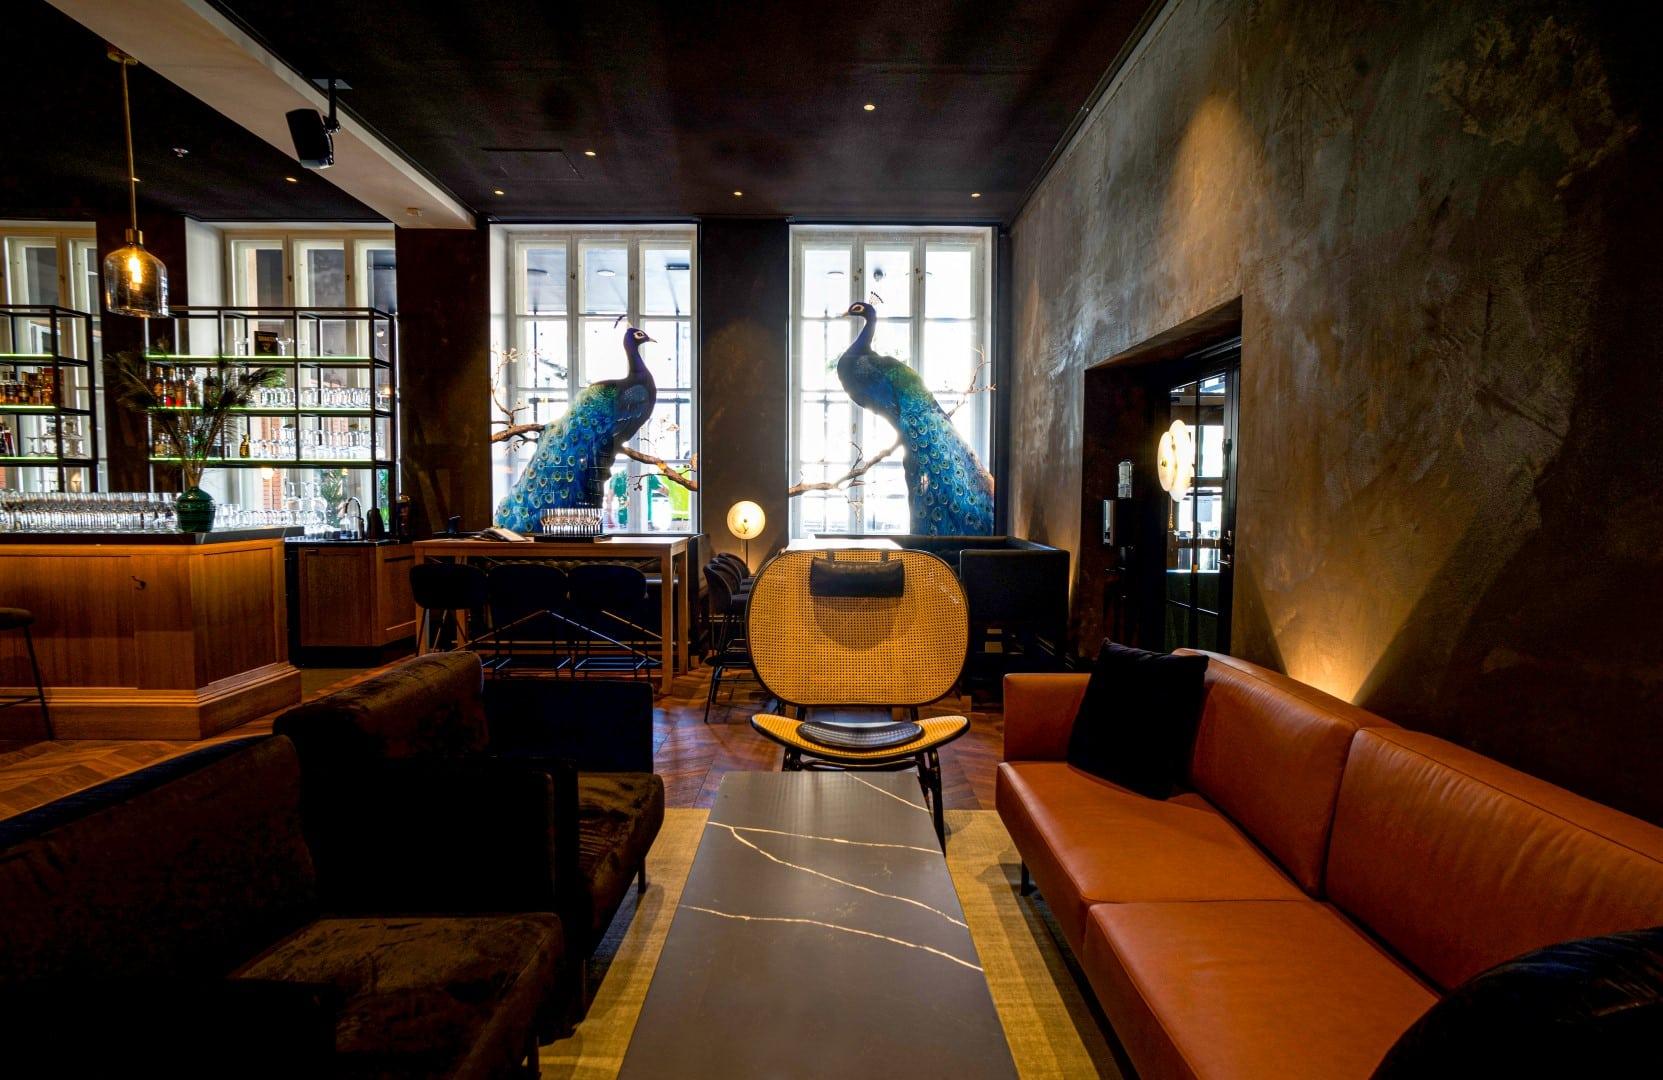 Hotel Scandic Grand Central Finland  - Cosentino casestudy hotel grand central interior4 DSC0511 55